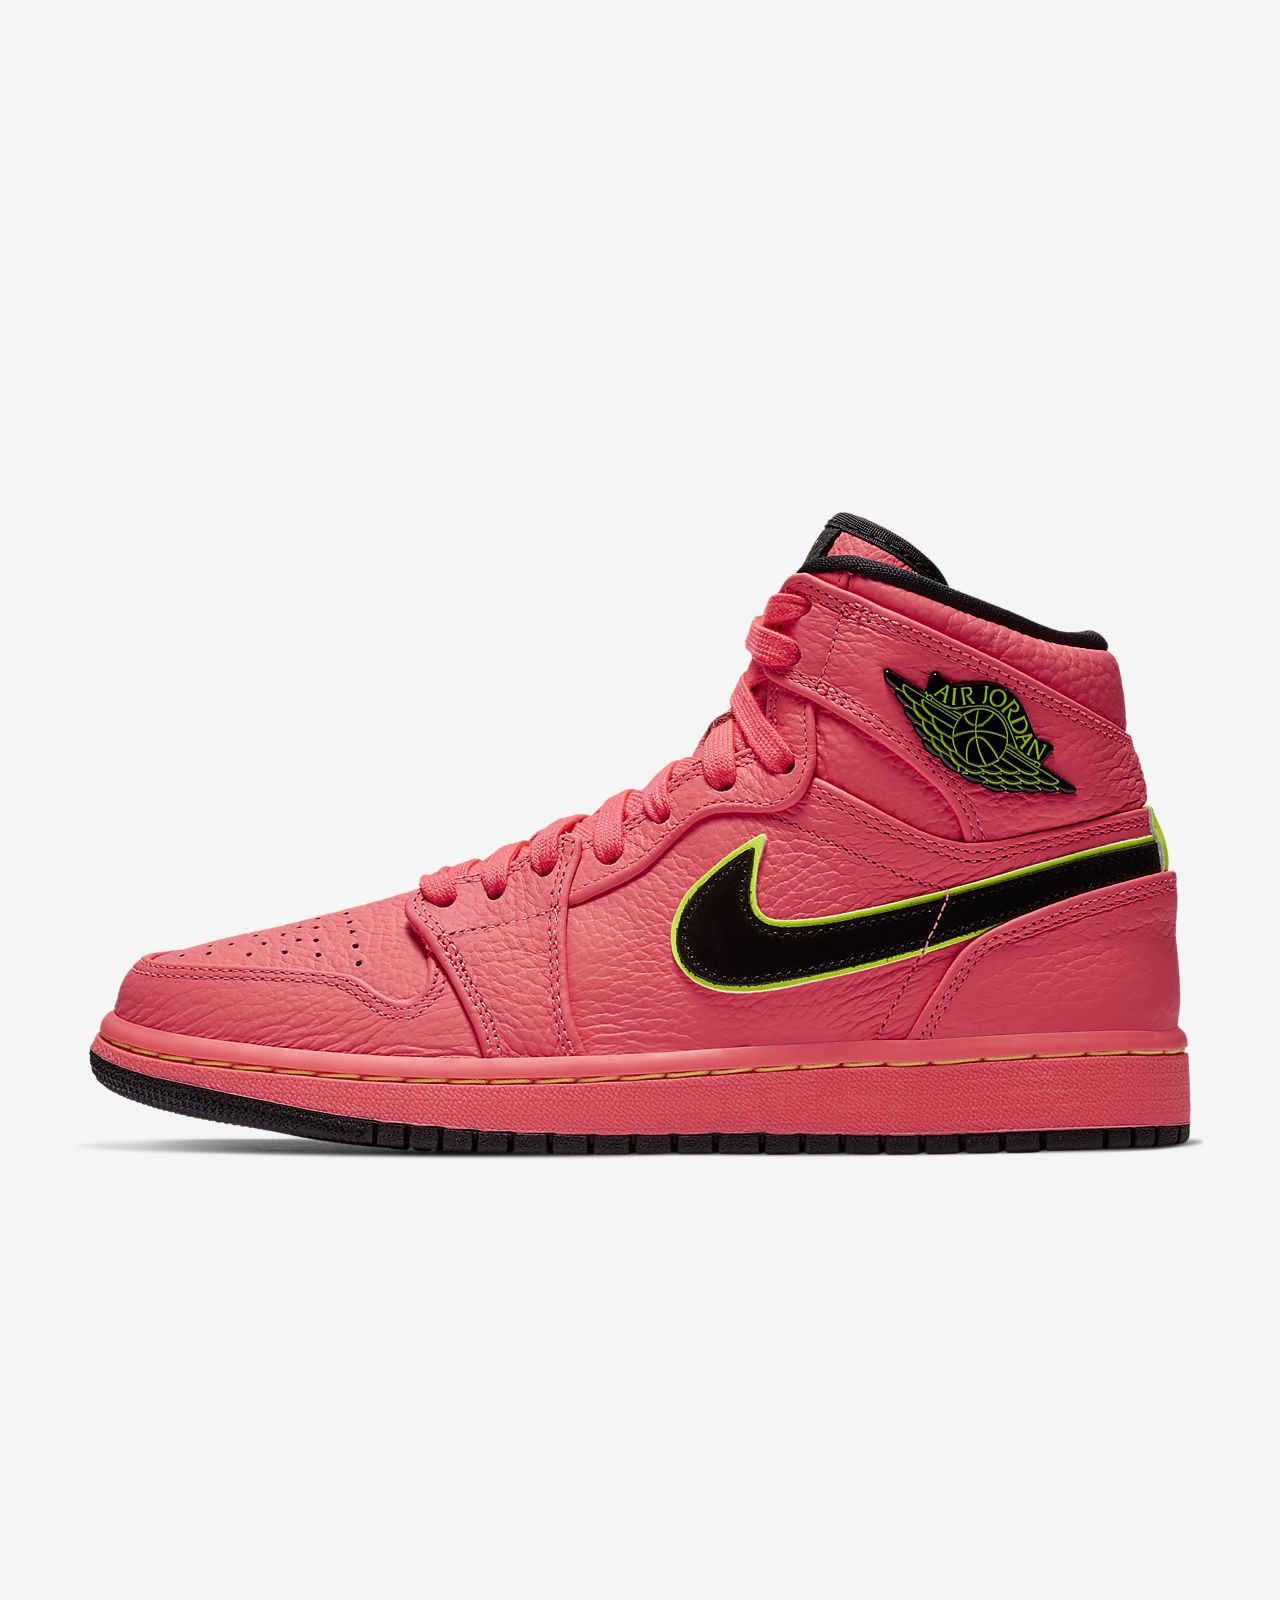 Air Jordan 1 Retro Premium 女鞋